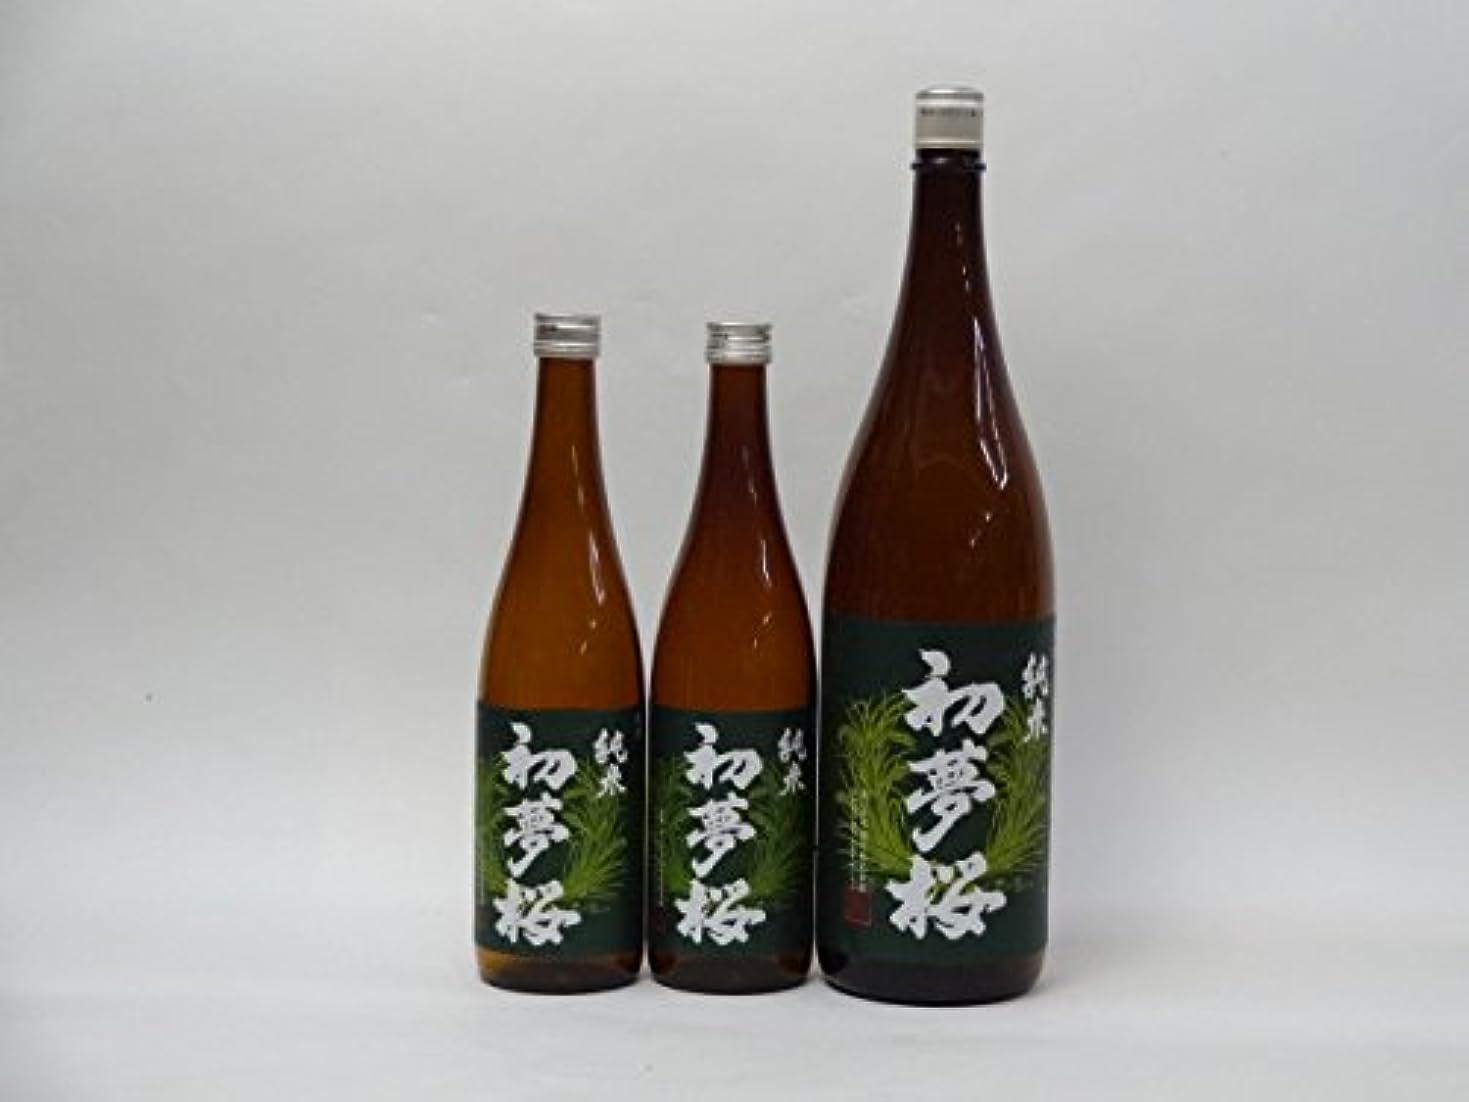 特選日本酒セット 初夢桜 2本セット(純米720ml×2本 1800ml×1本)3本セット 金しゃち酒造